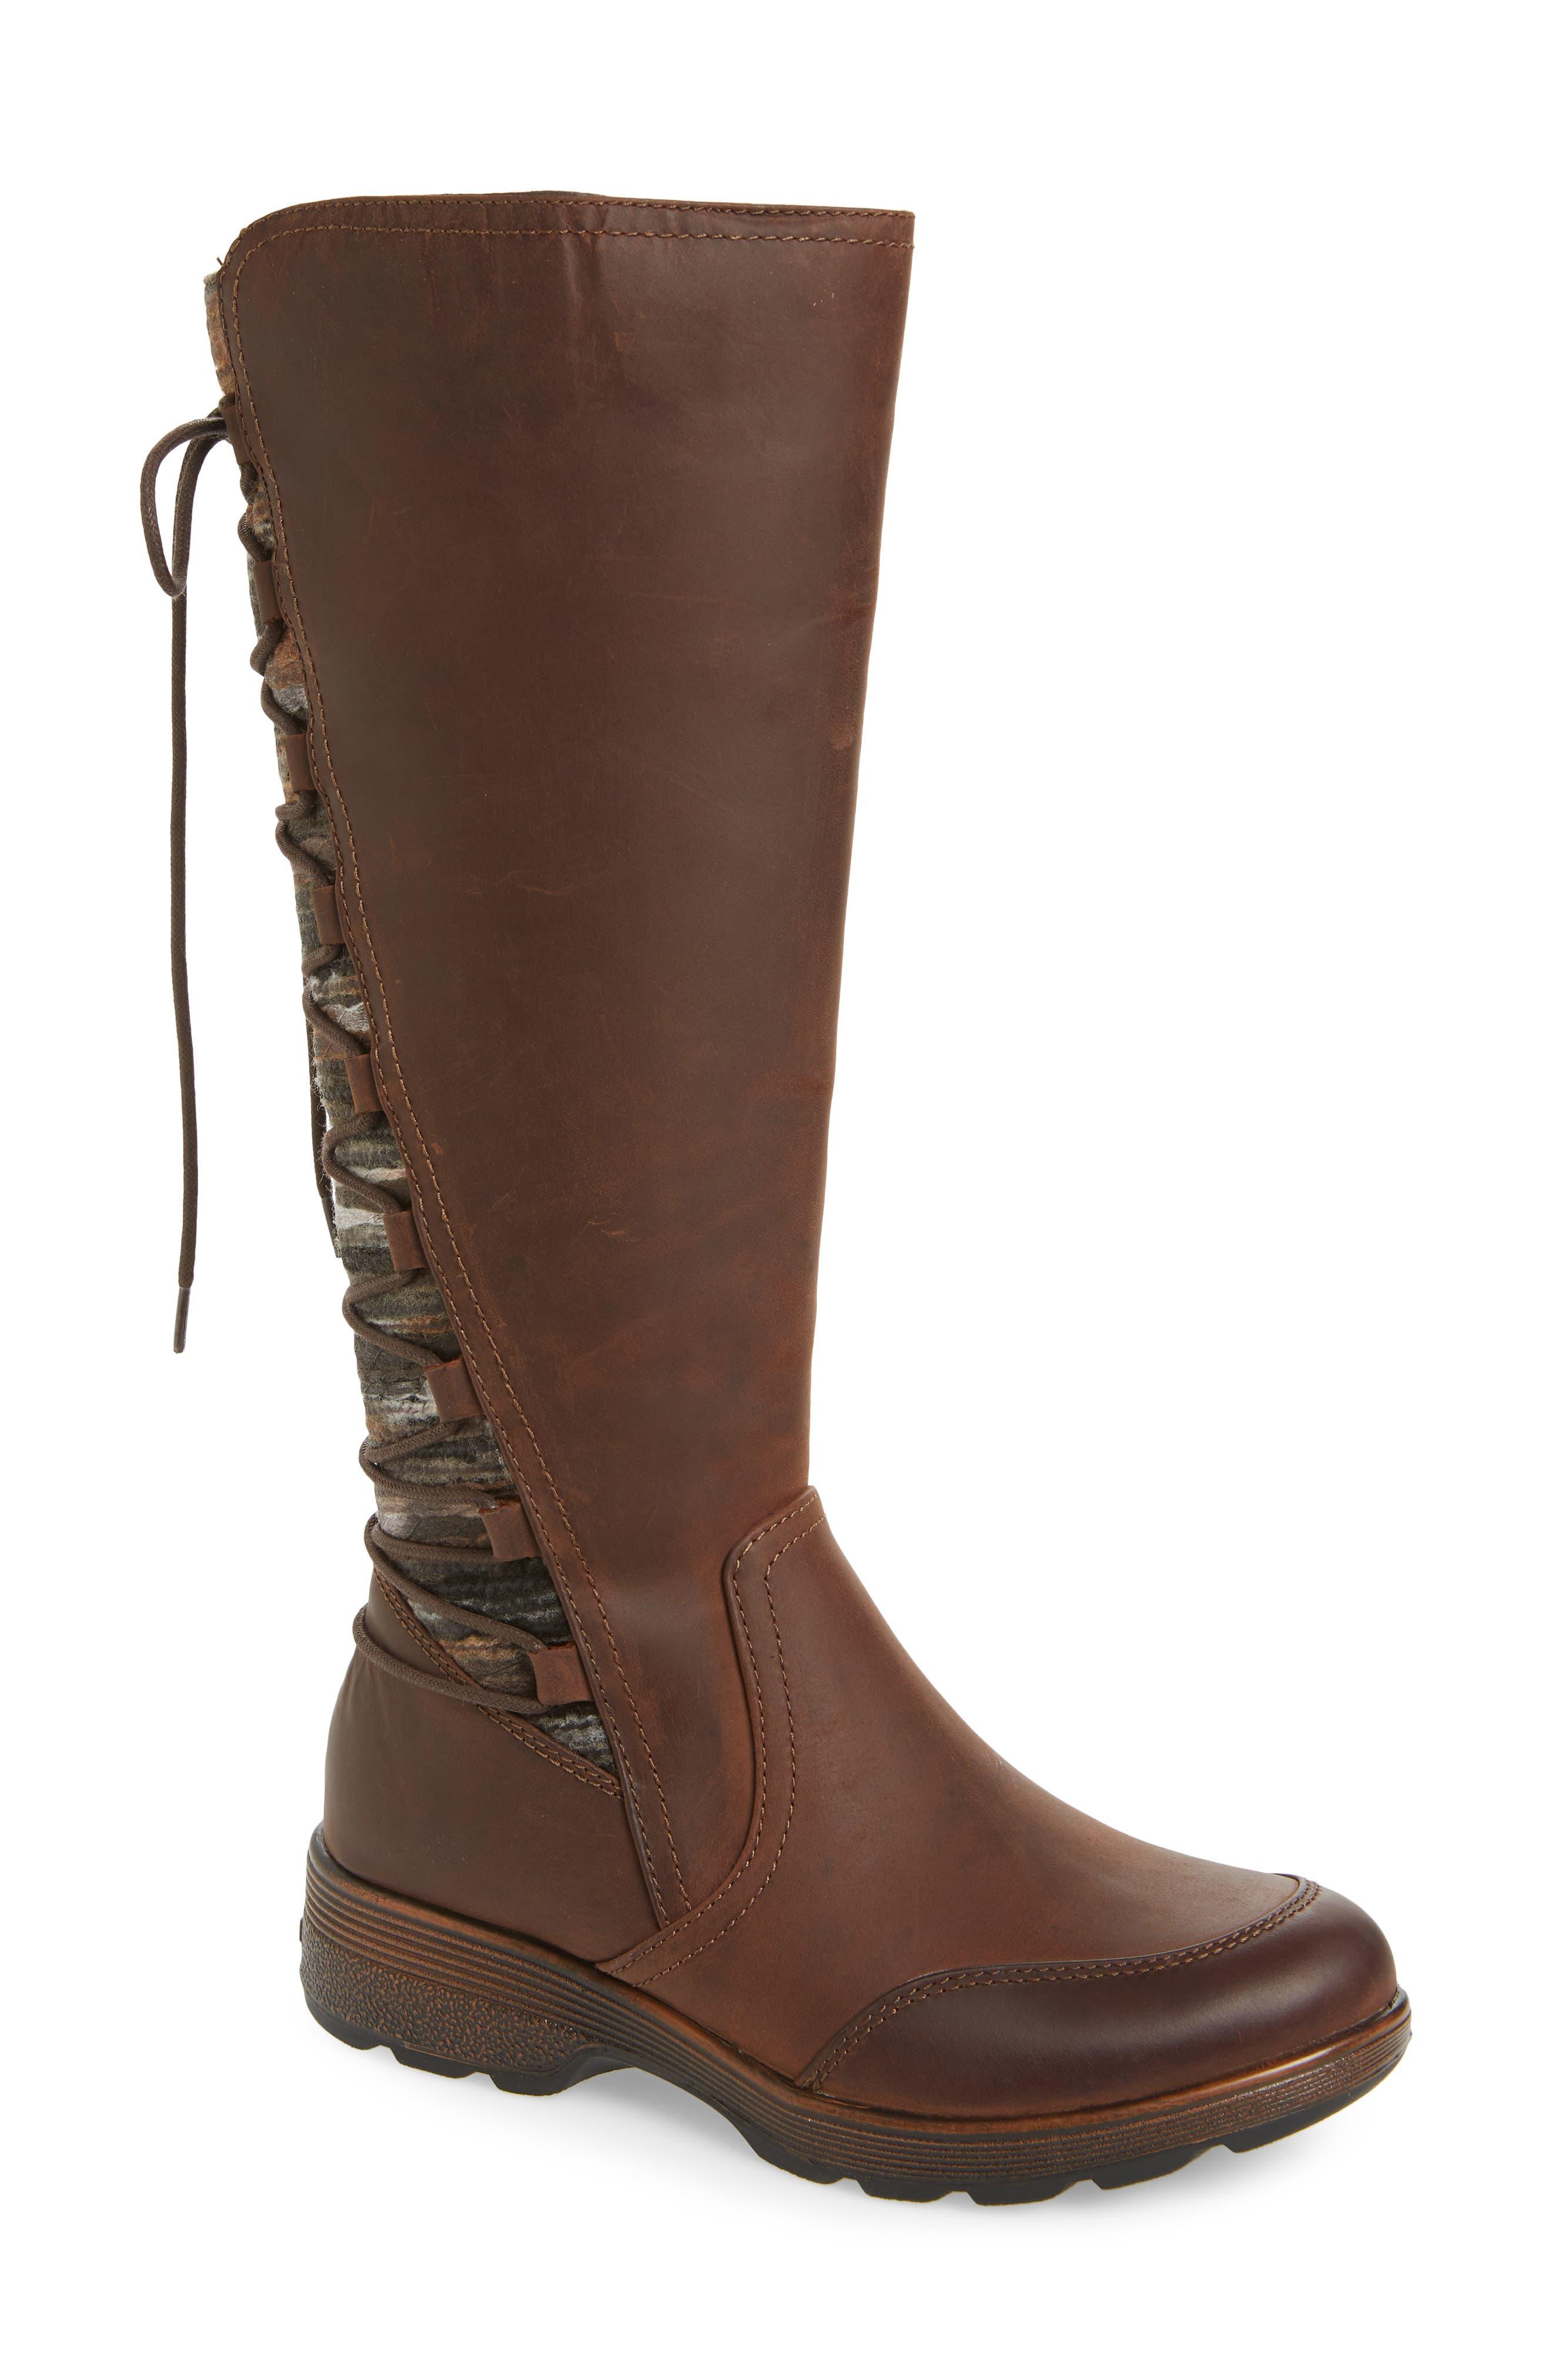 Bionica Epping Waterproof Knee High Boot- Brown